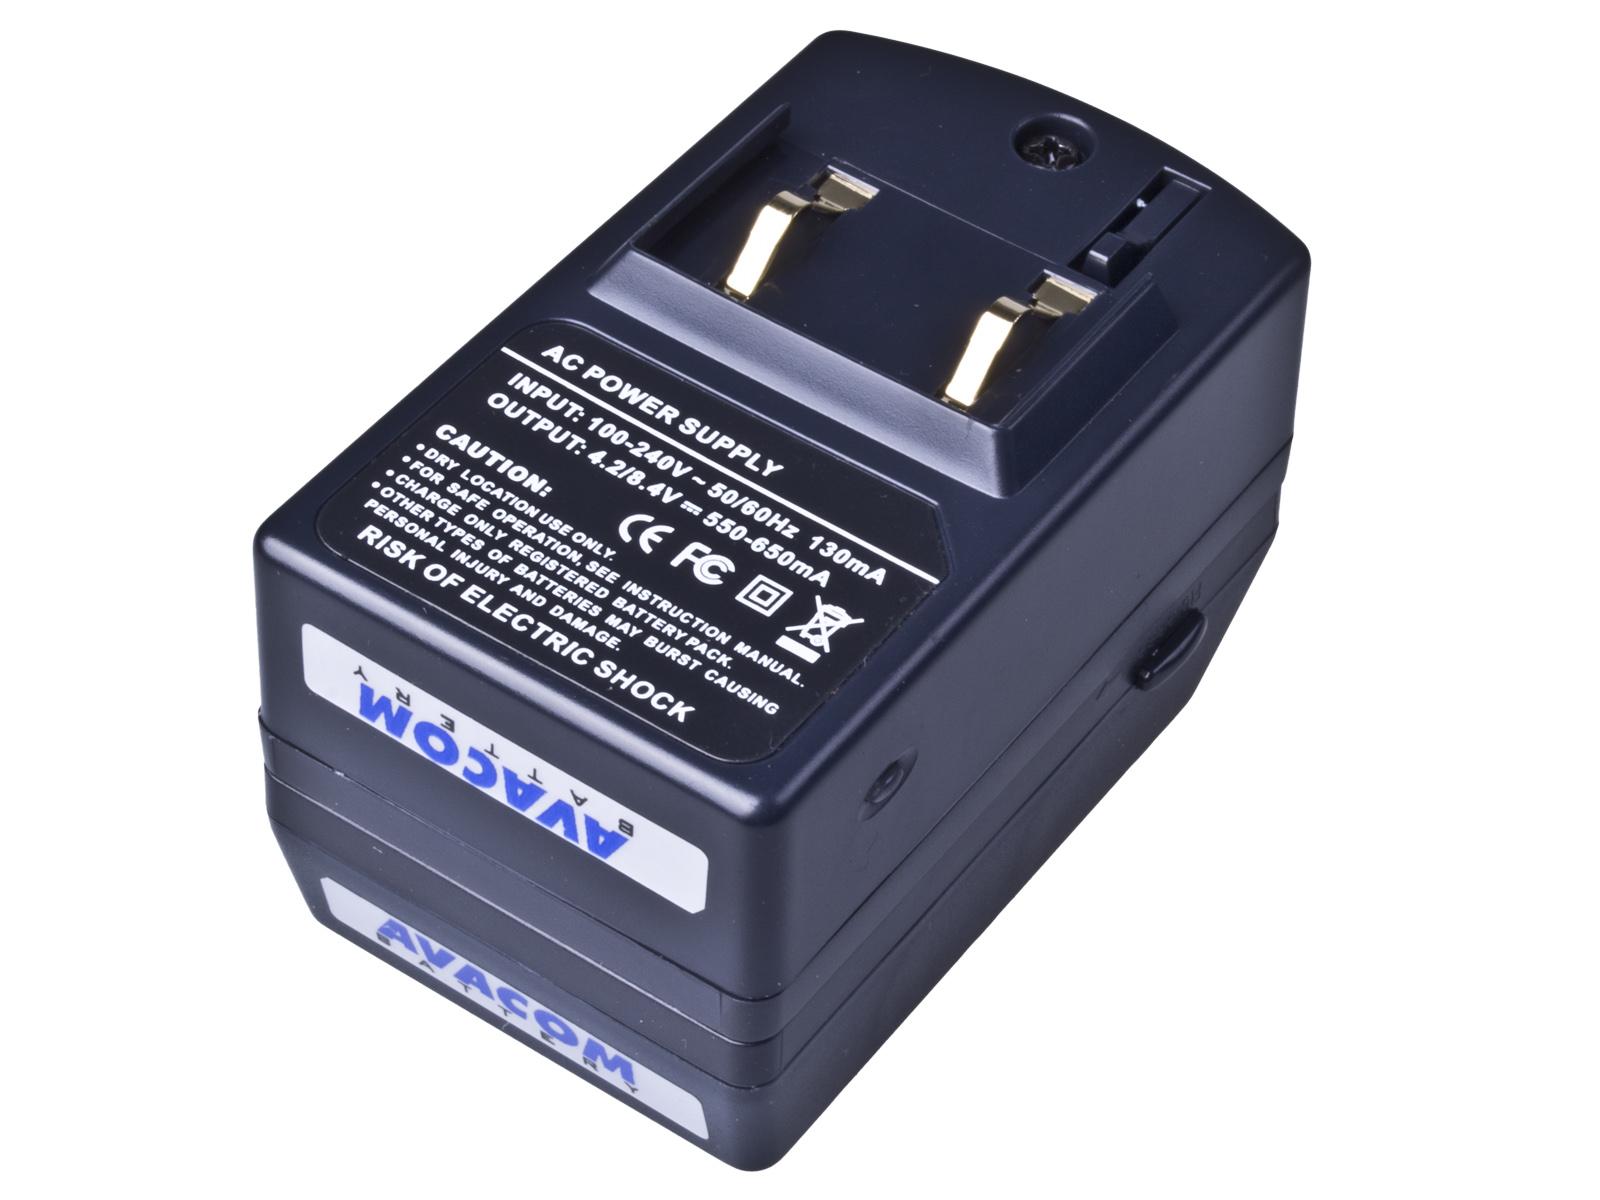 Nabíječka pro Li-ion akumulátor Sony serie info P